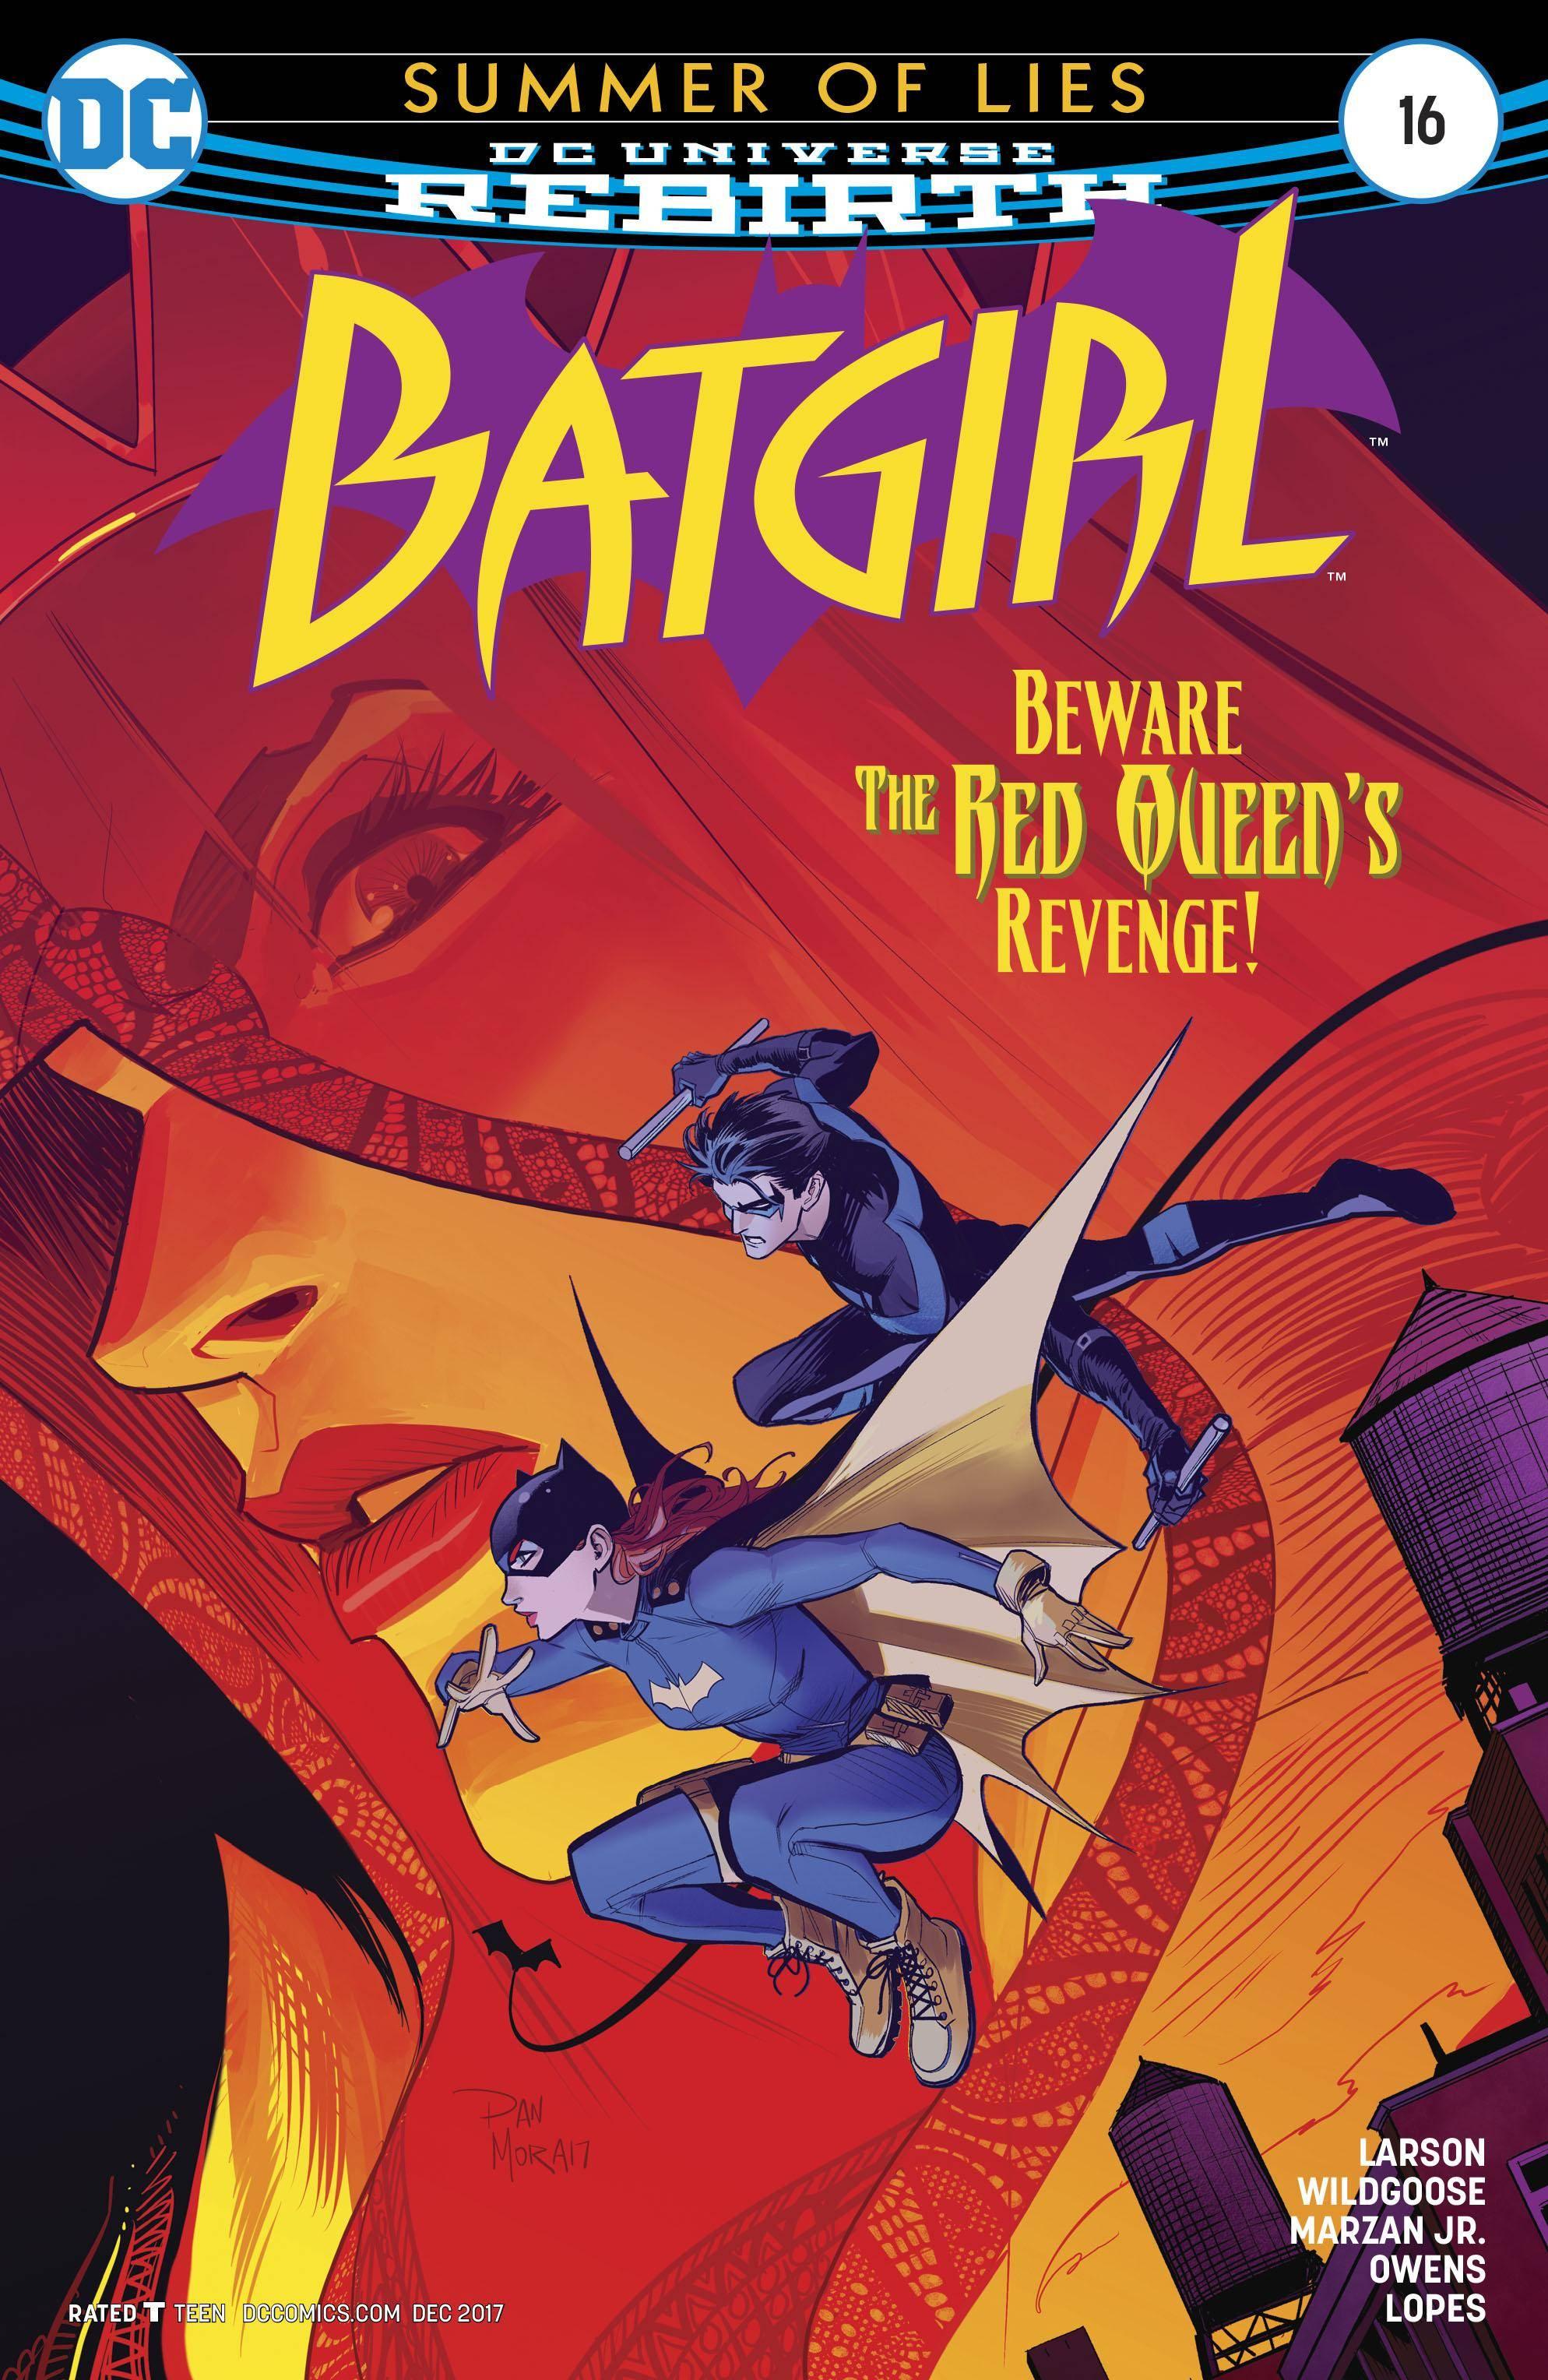 Batgirl 016 2017 2 covers Digital Zone-Empire